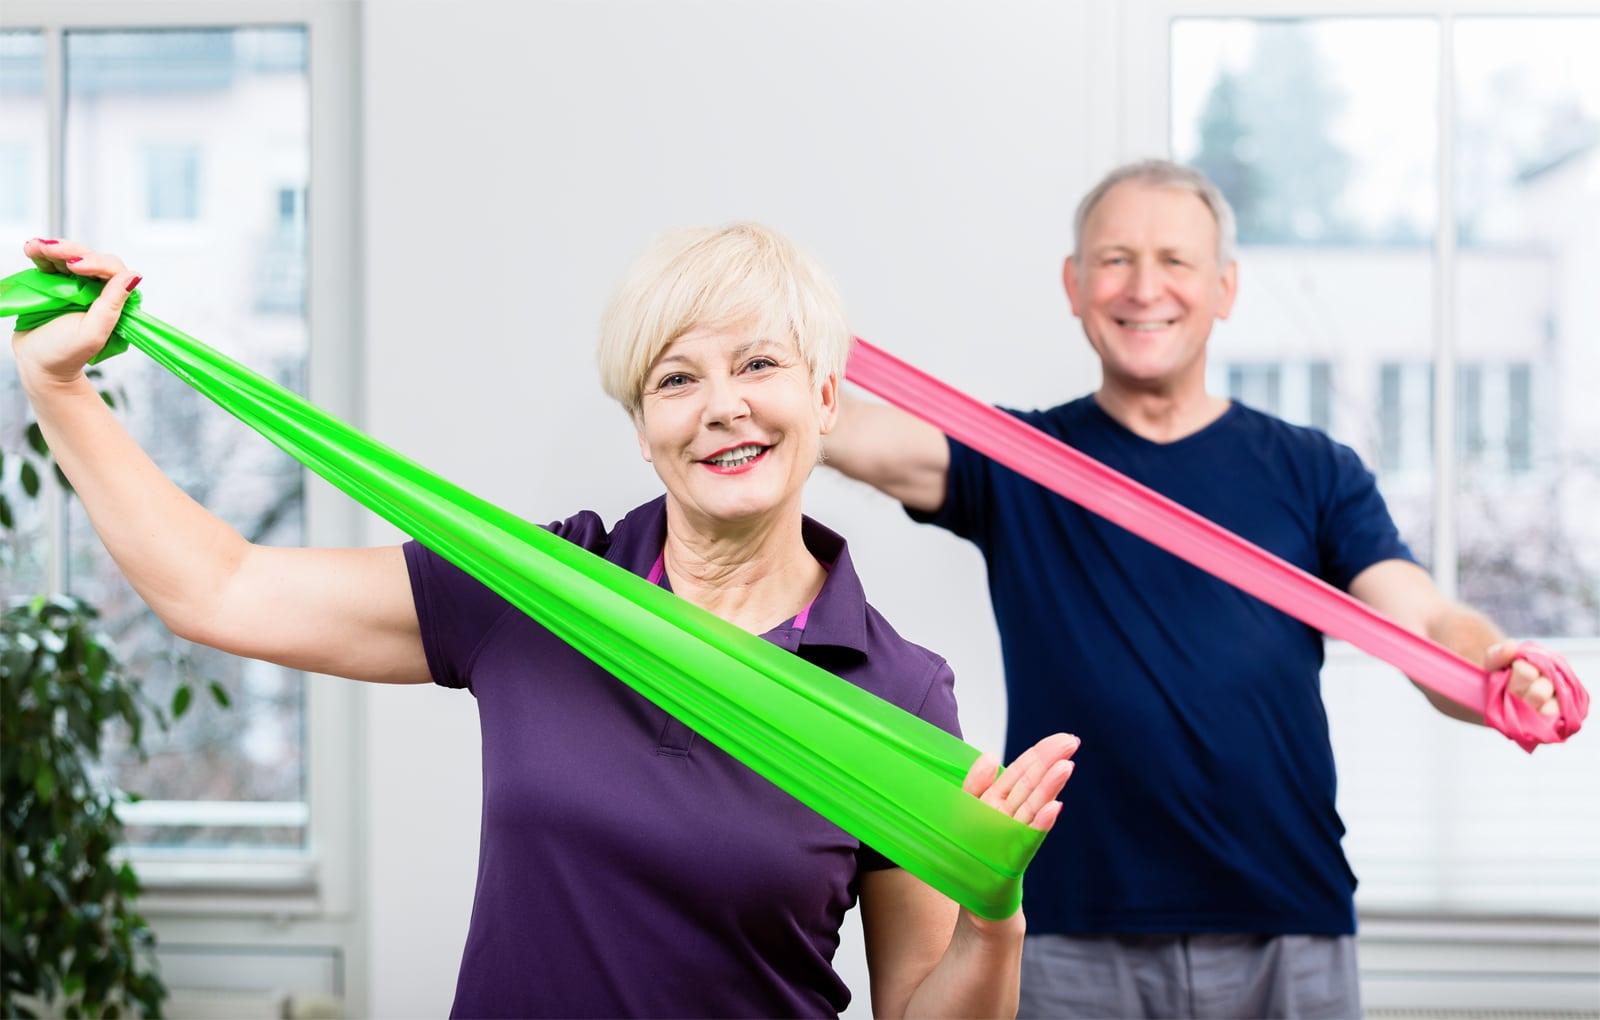 Gumy do jogi, rehabilitacji Sensei - ćwiczenia [5]